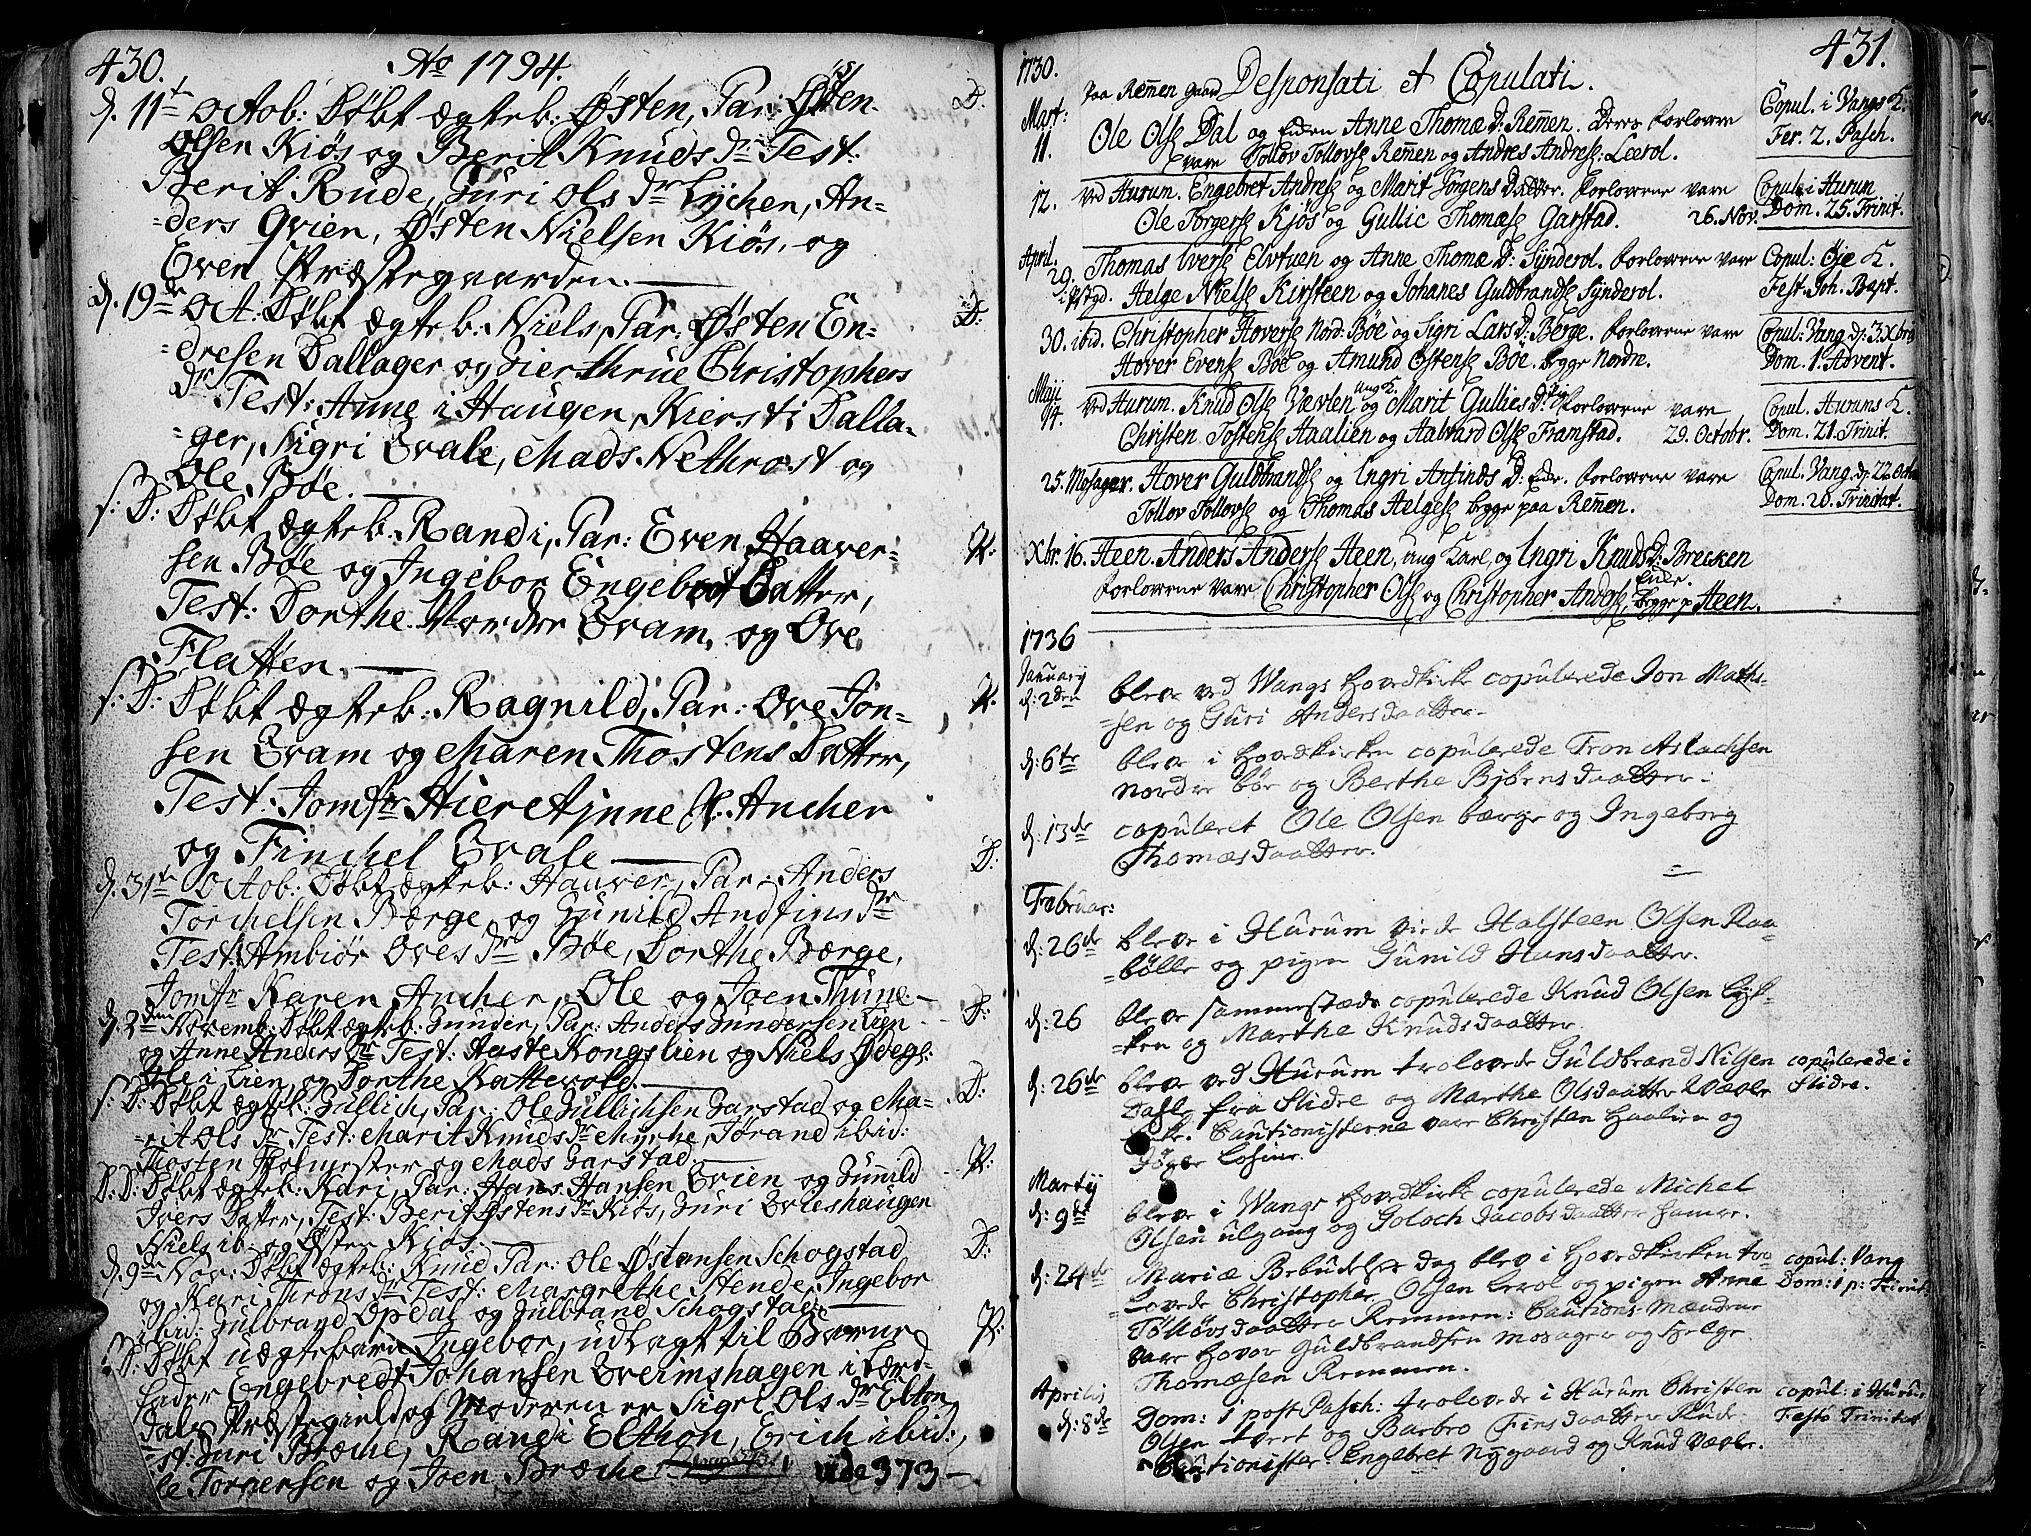 SAH, Vang prestekontor, Valdres, Ministerialbok nr. 1, 1730-1796, s. 430-431